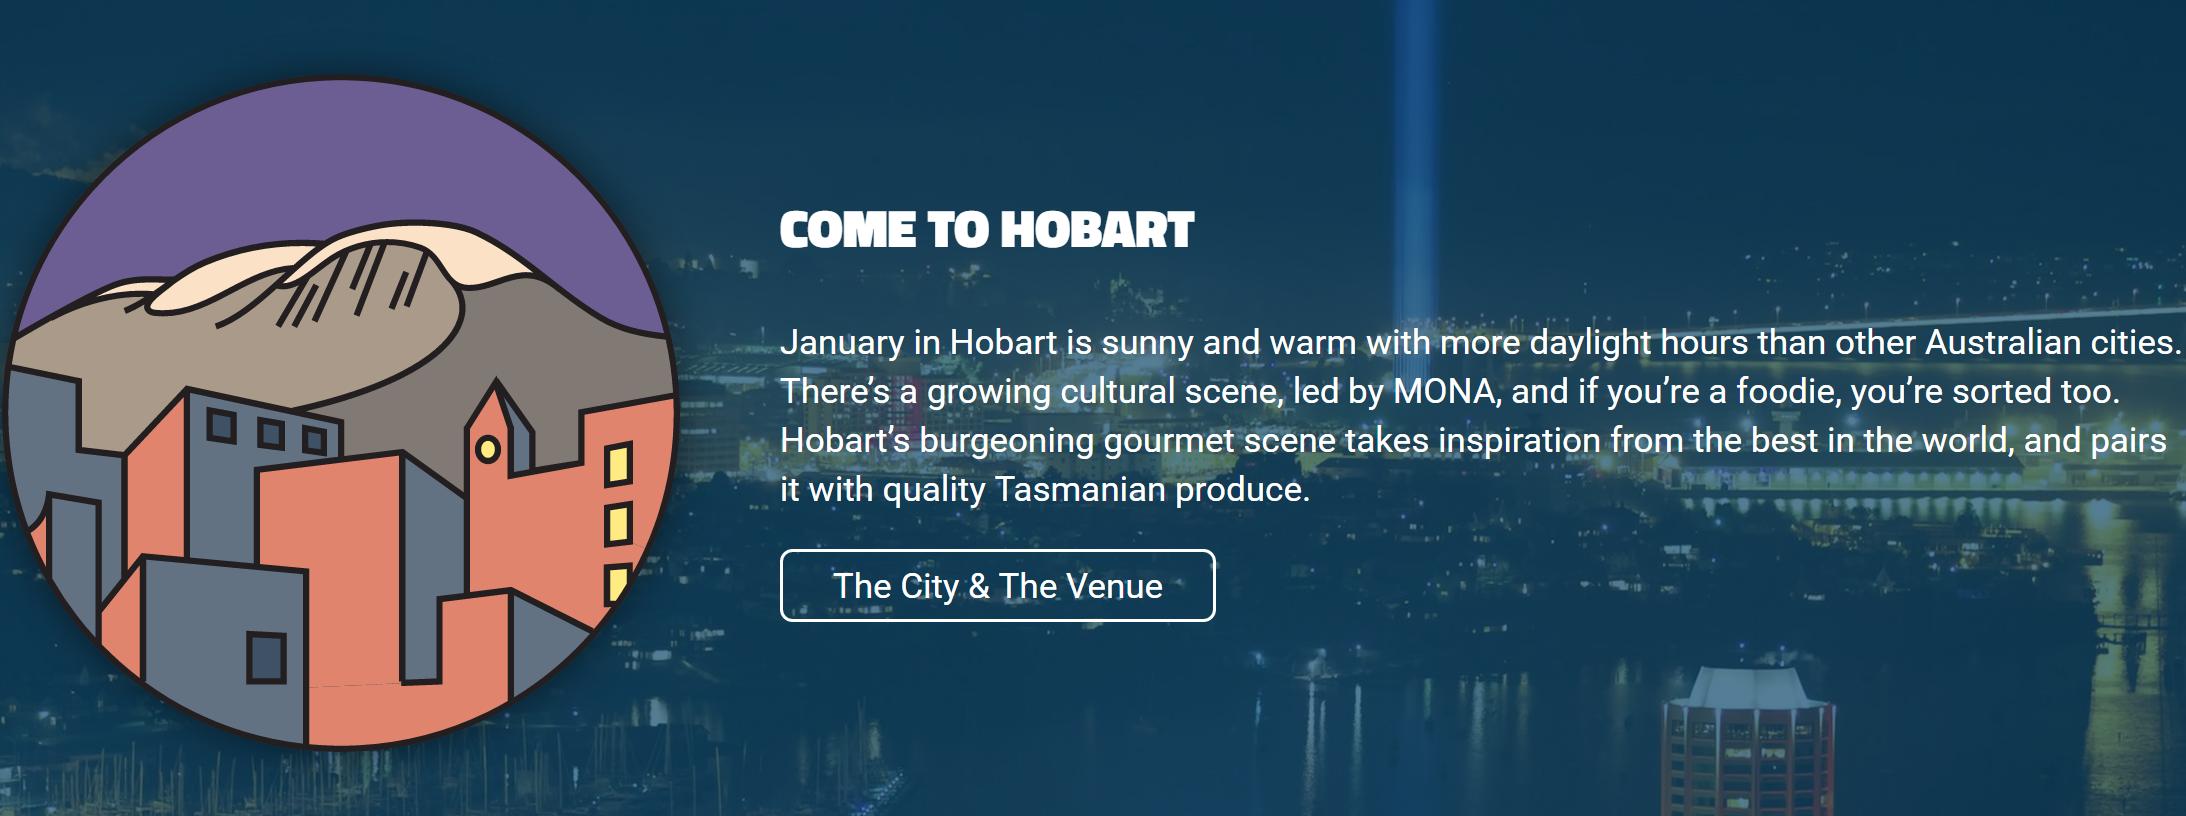 Hobart Linuxconf.au